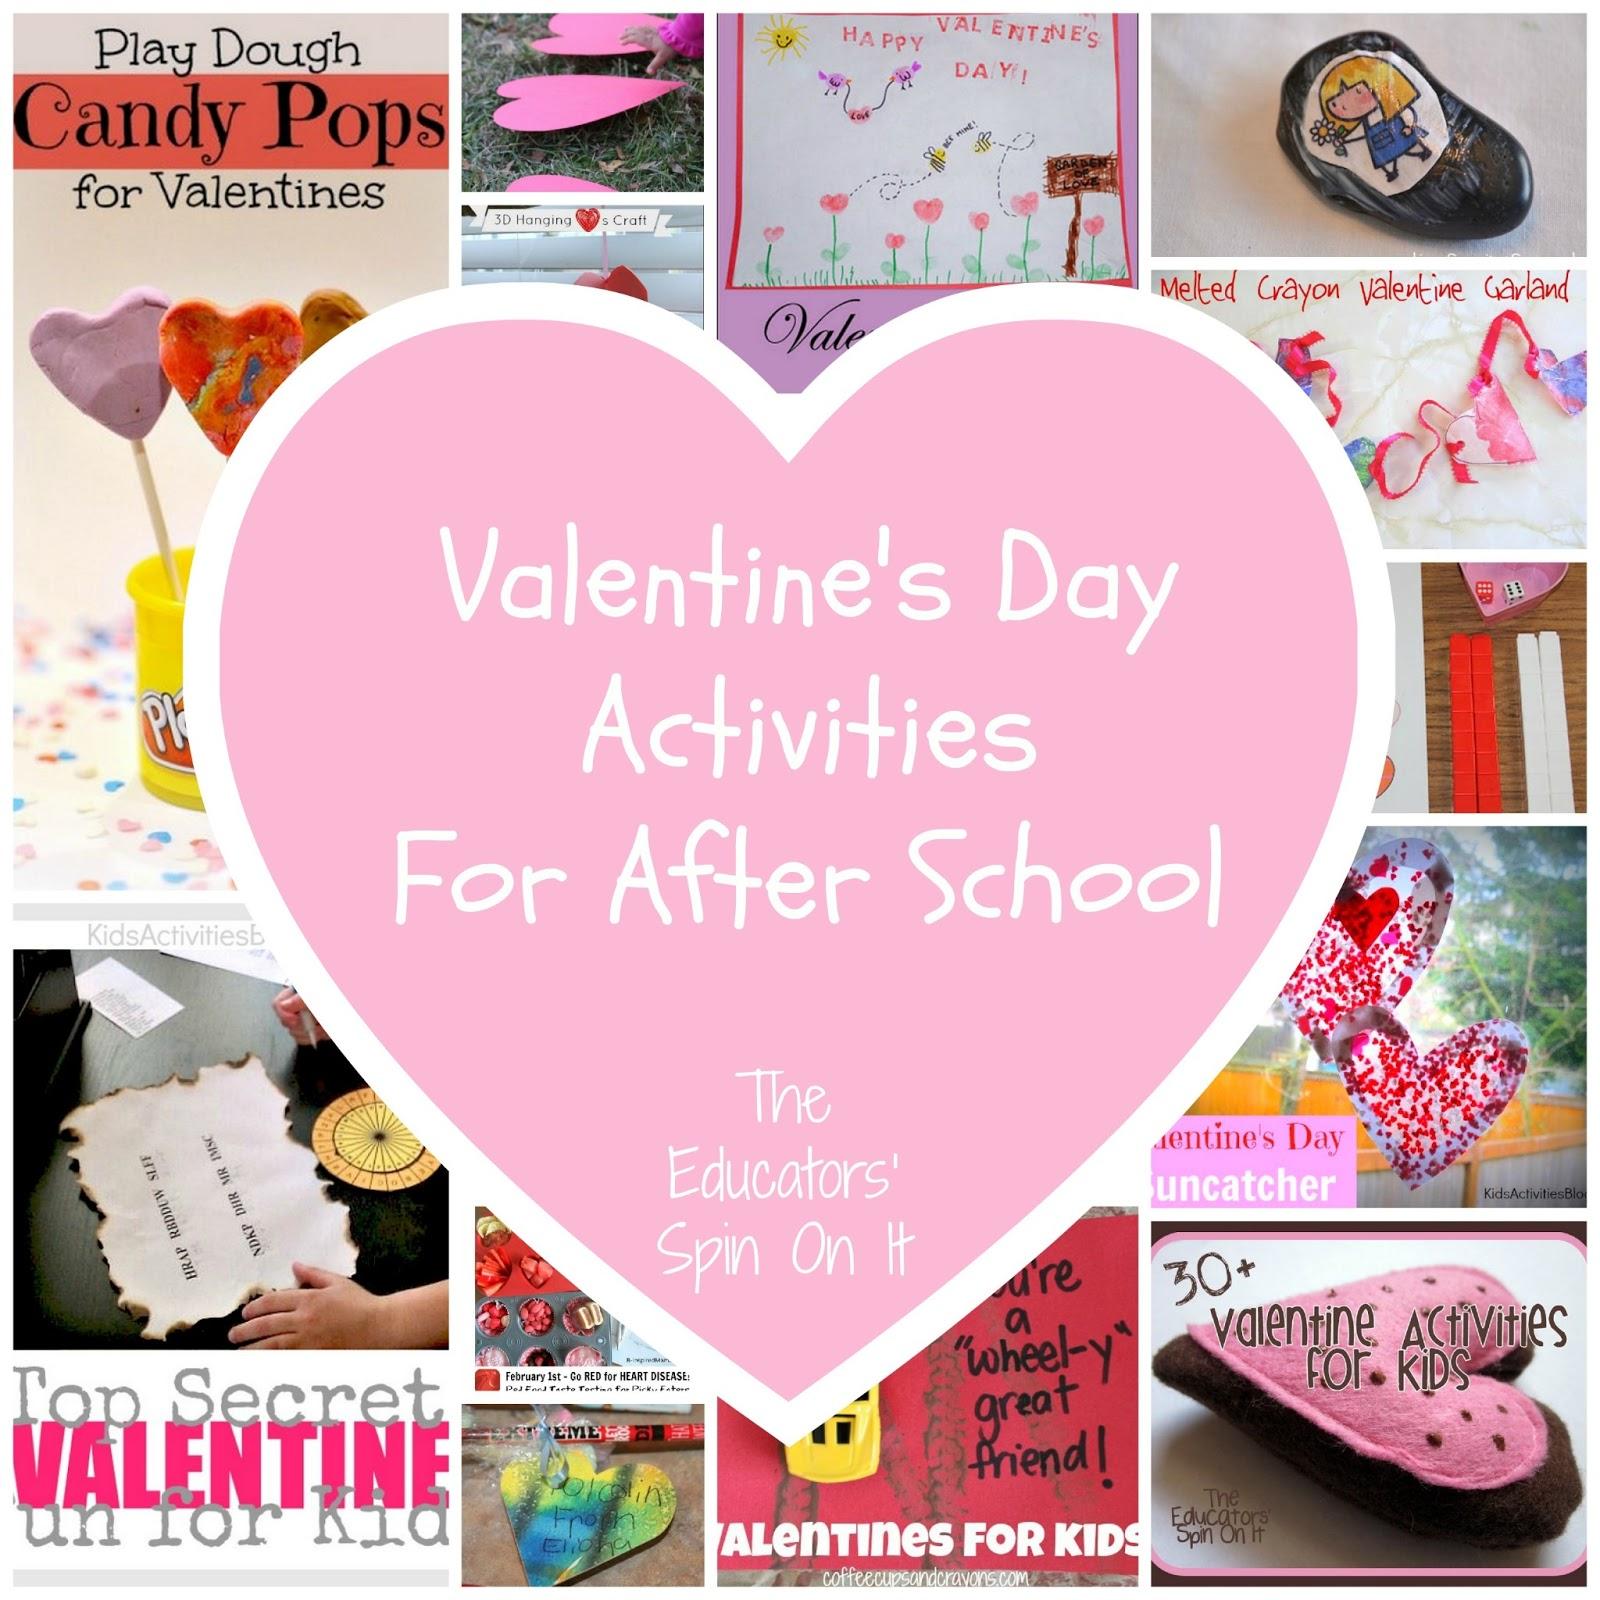 Last Minute Valentineu0027s Day Ideas